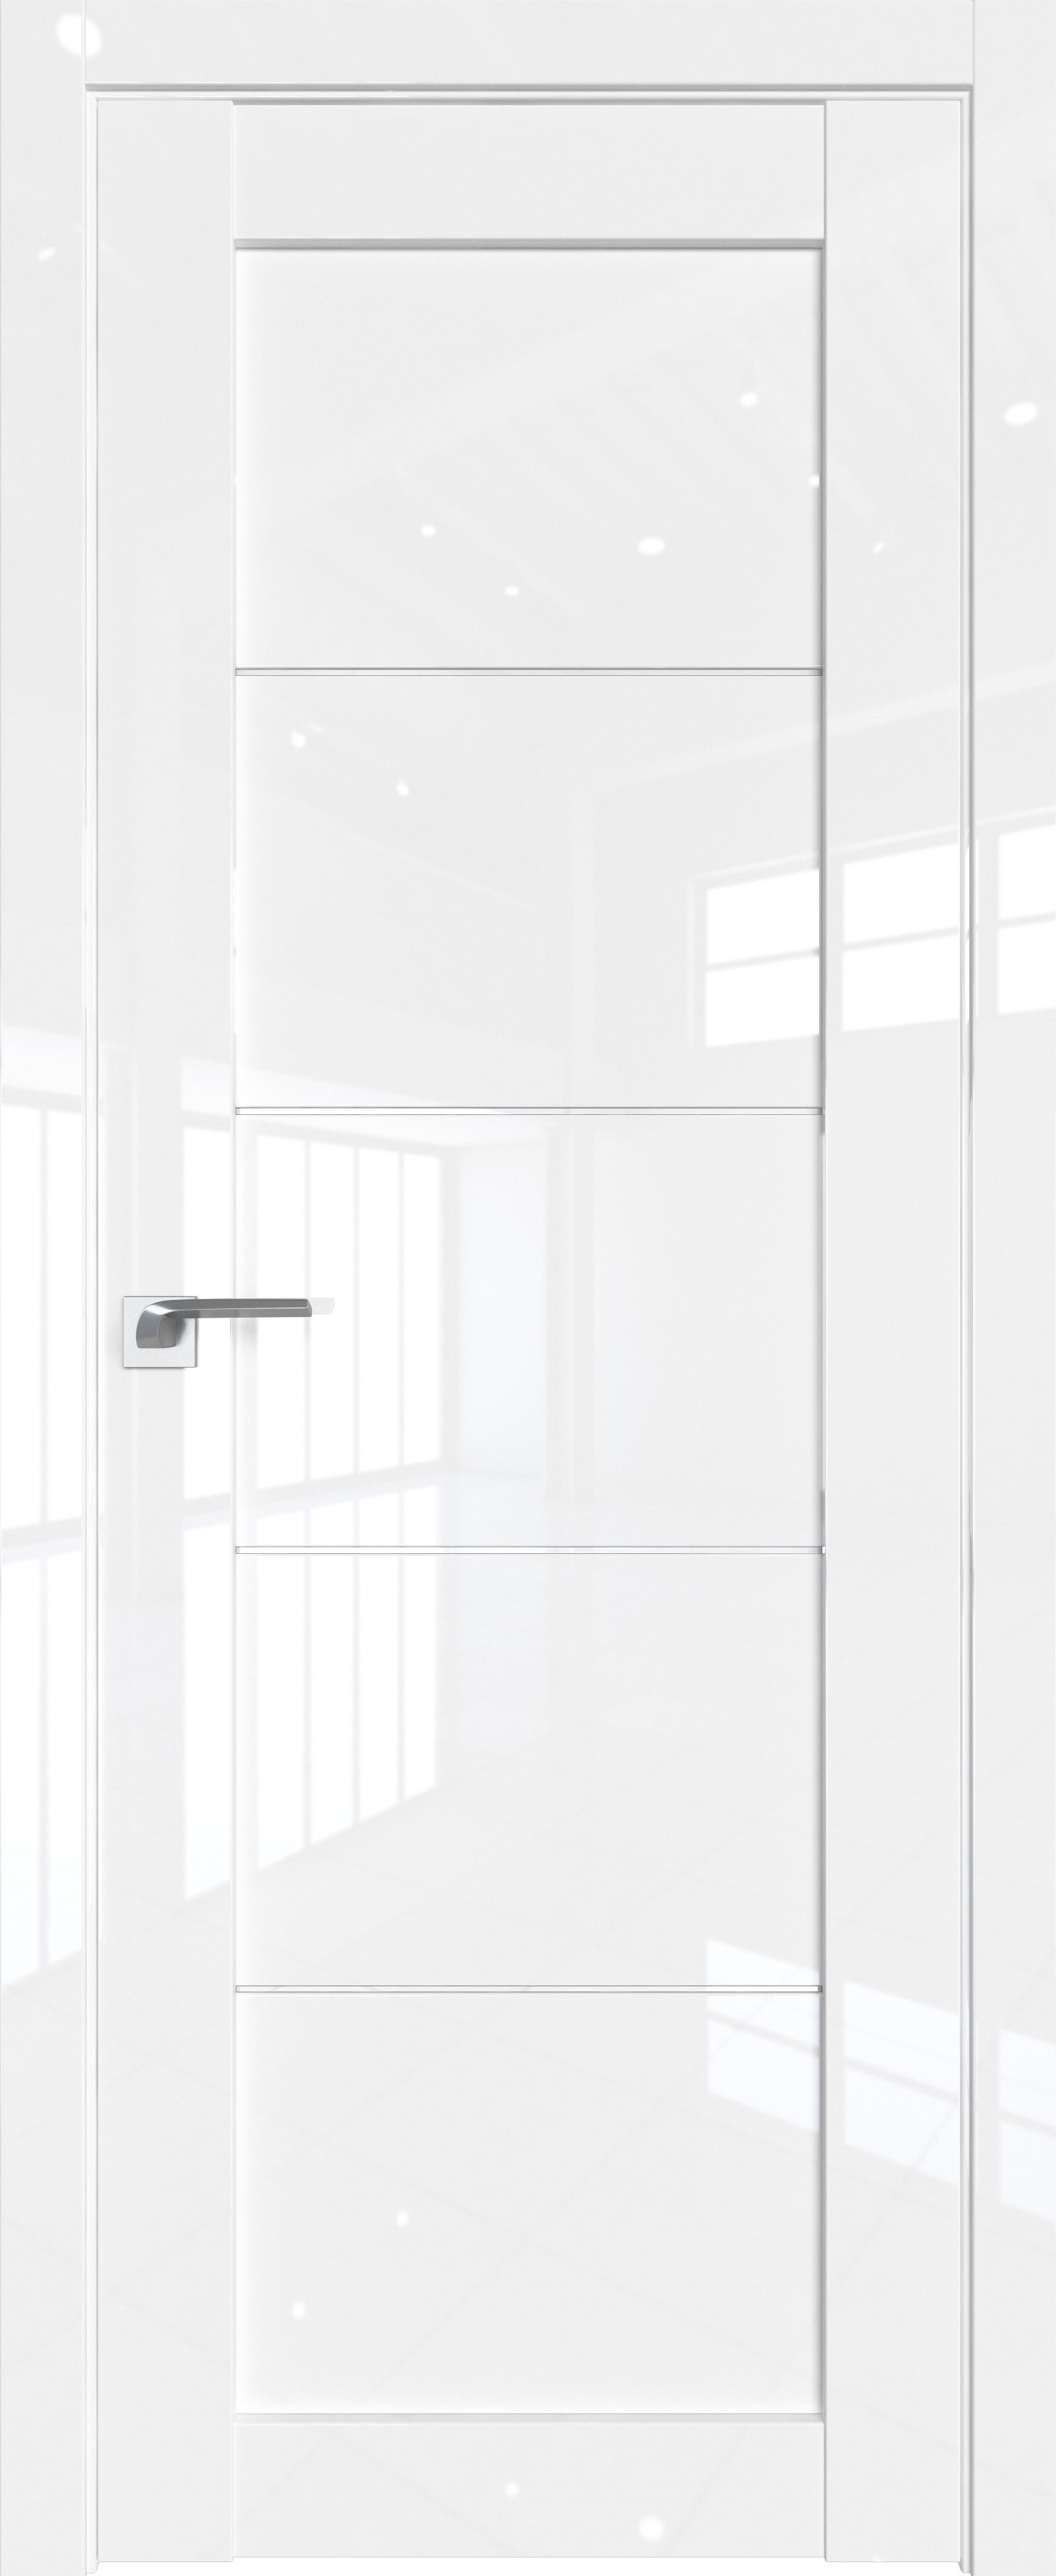 Цвет: Белый люкс, Остекление: Триплекс белый